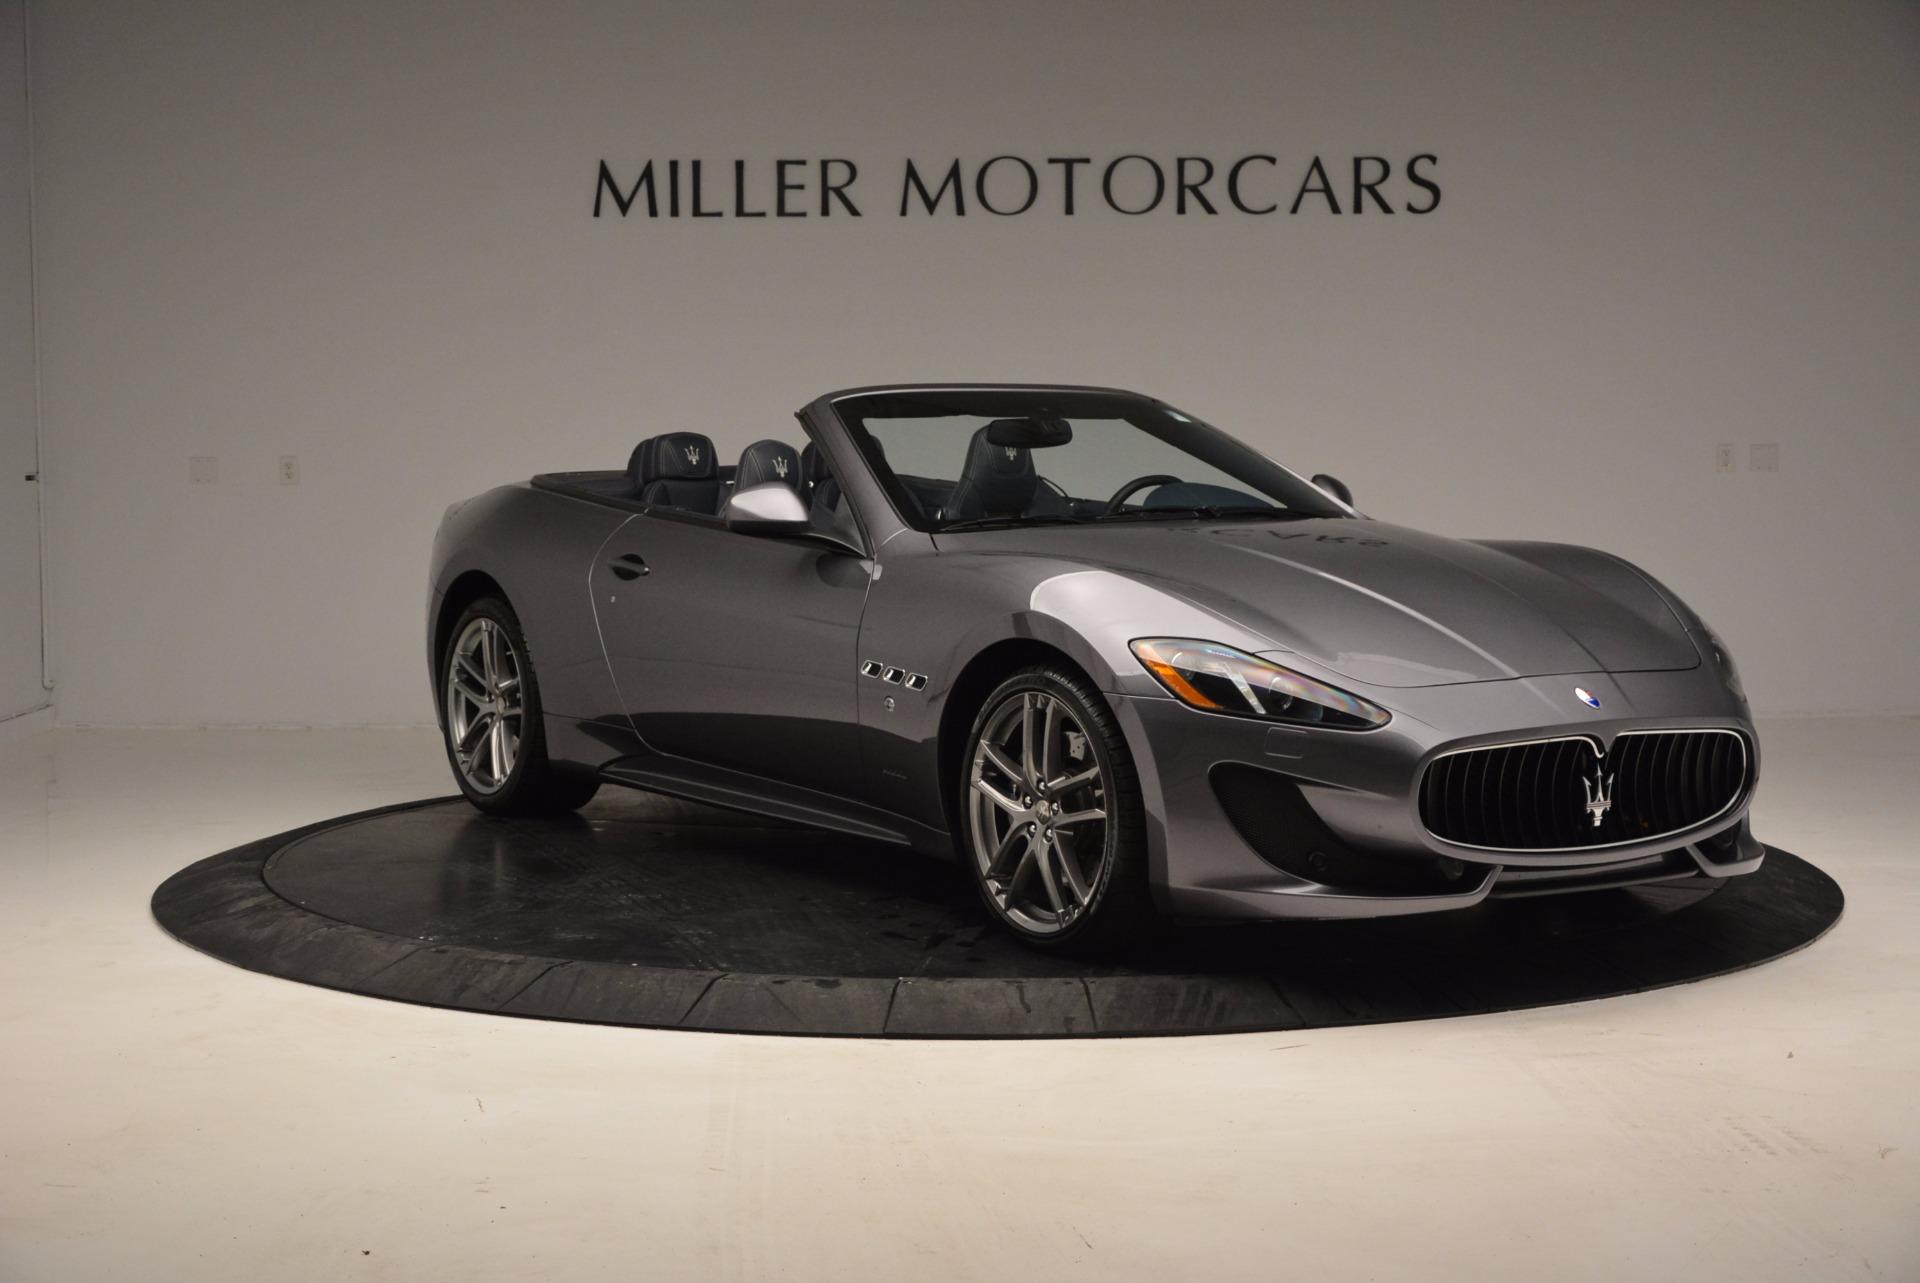 New 2016 Maserati GranTurismo Convertible Sport For Sale In Greenwich, CT 154_p8